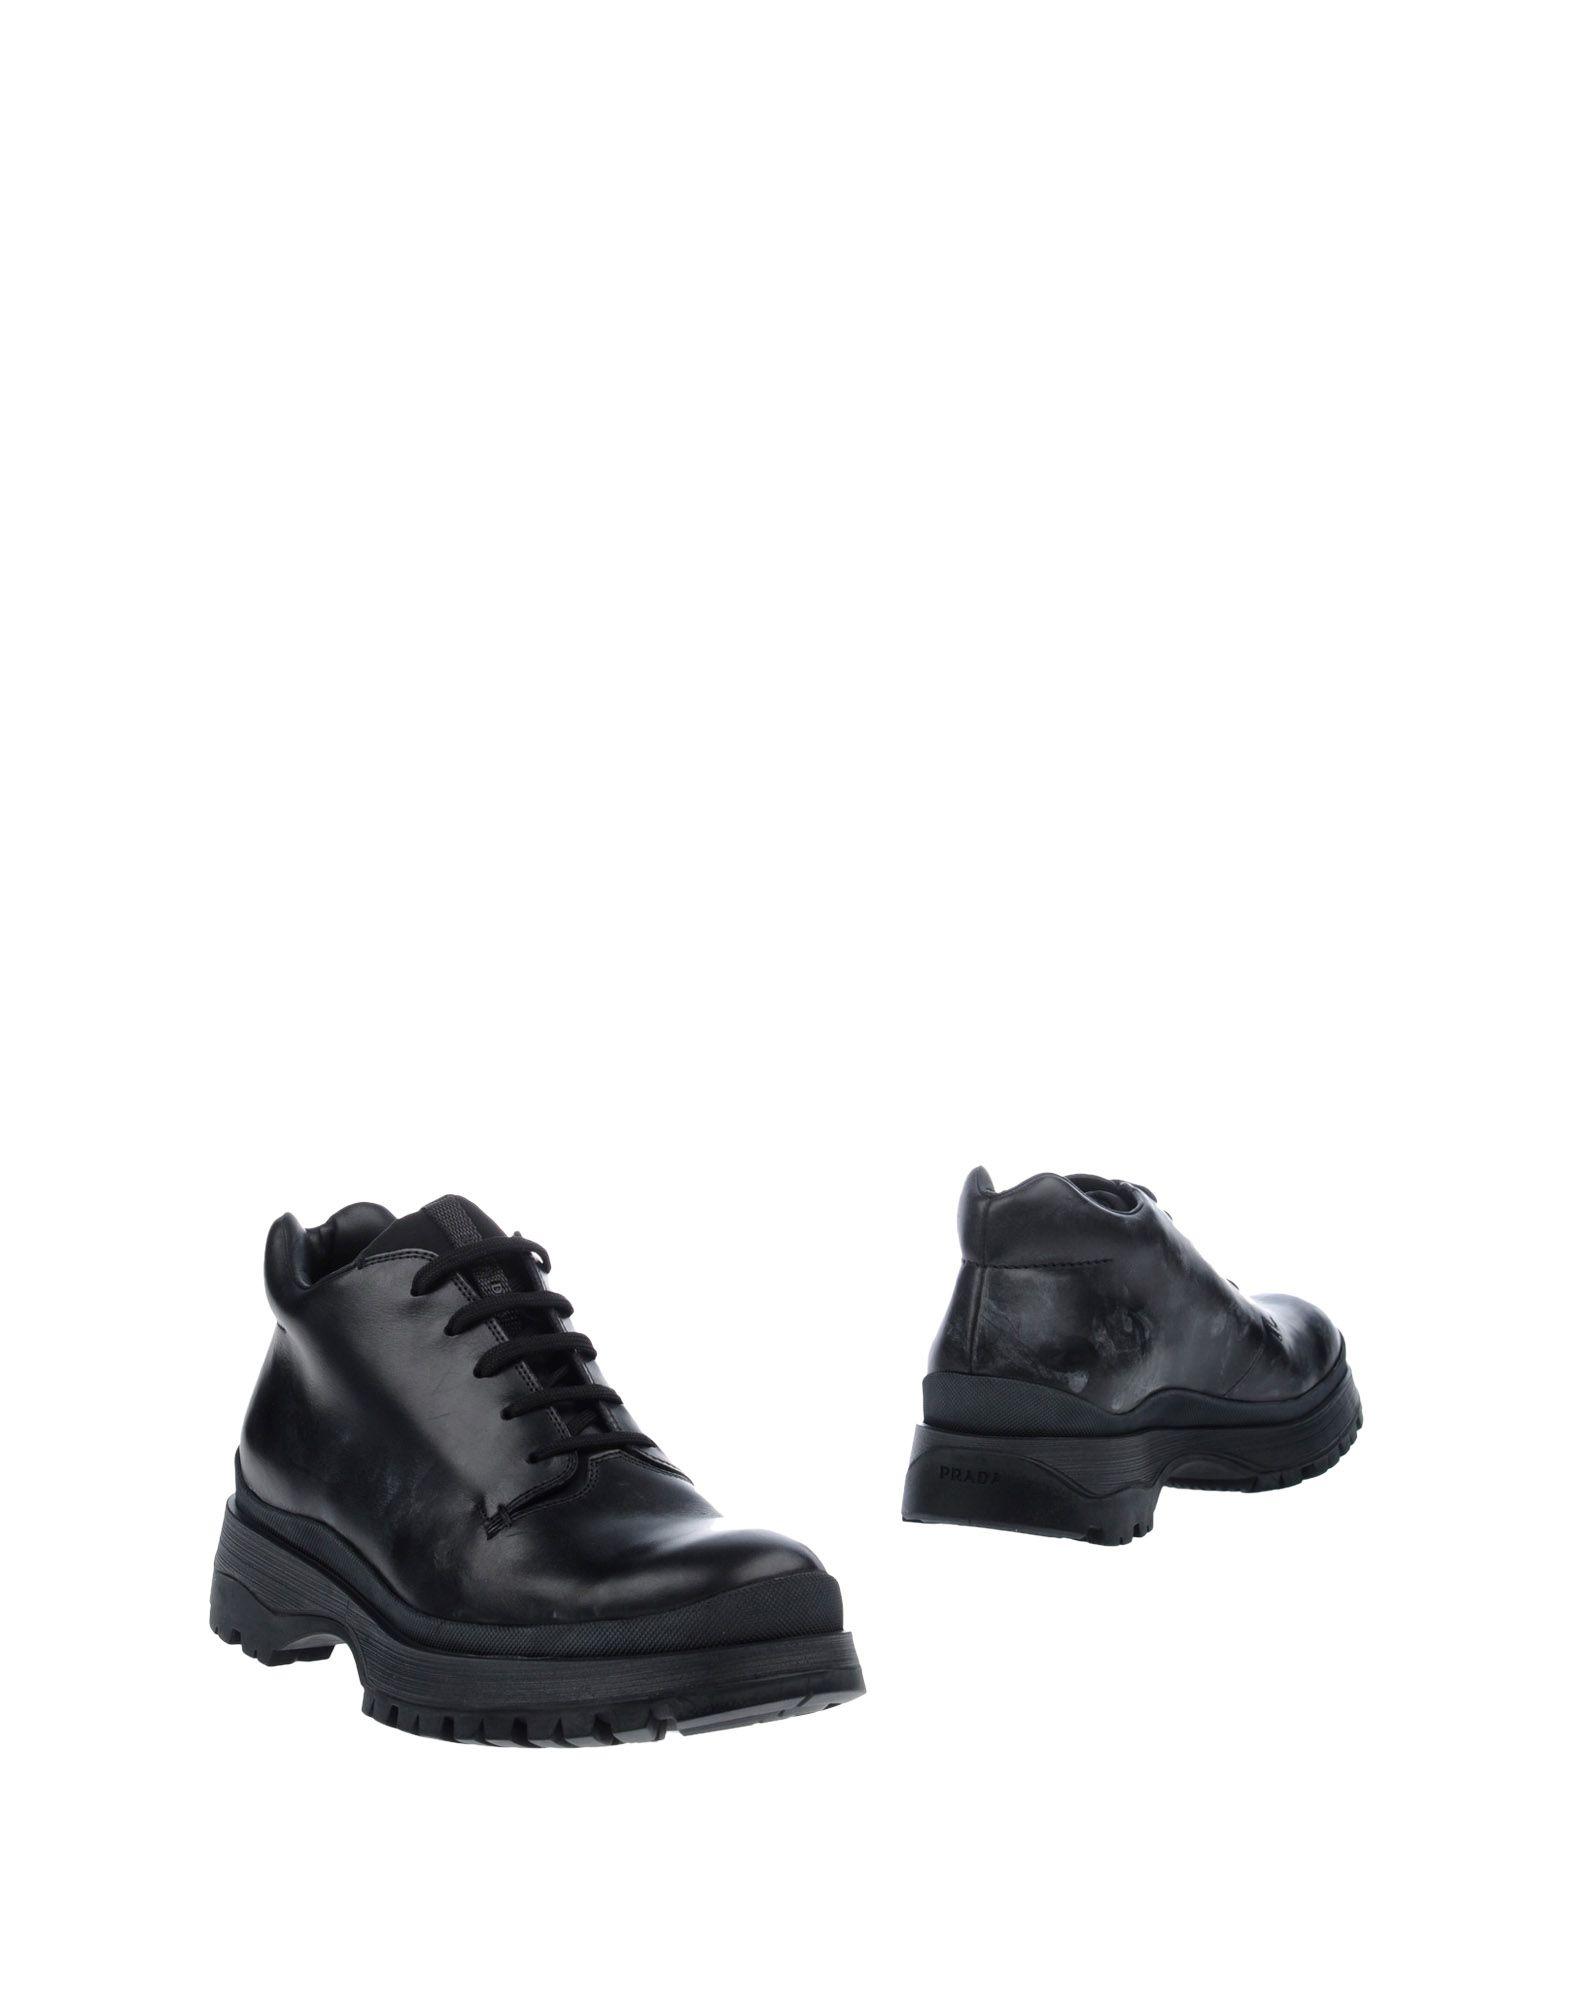 Prada Sport Stiefelette Qualität Herren  11275278NL Gute Qualität Stiefelette beliebte Schuhe af2484